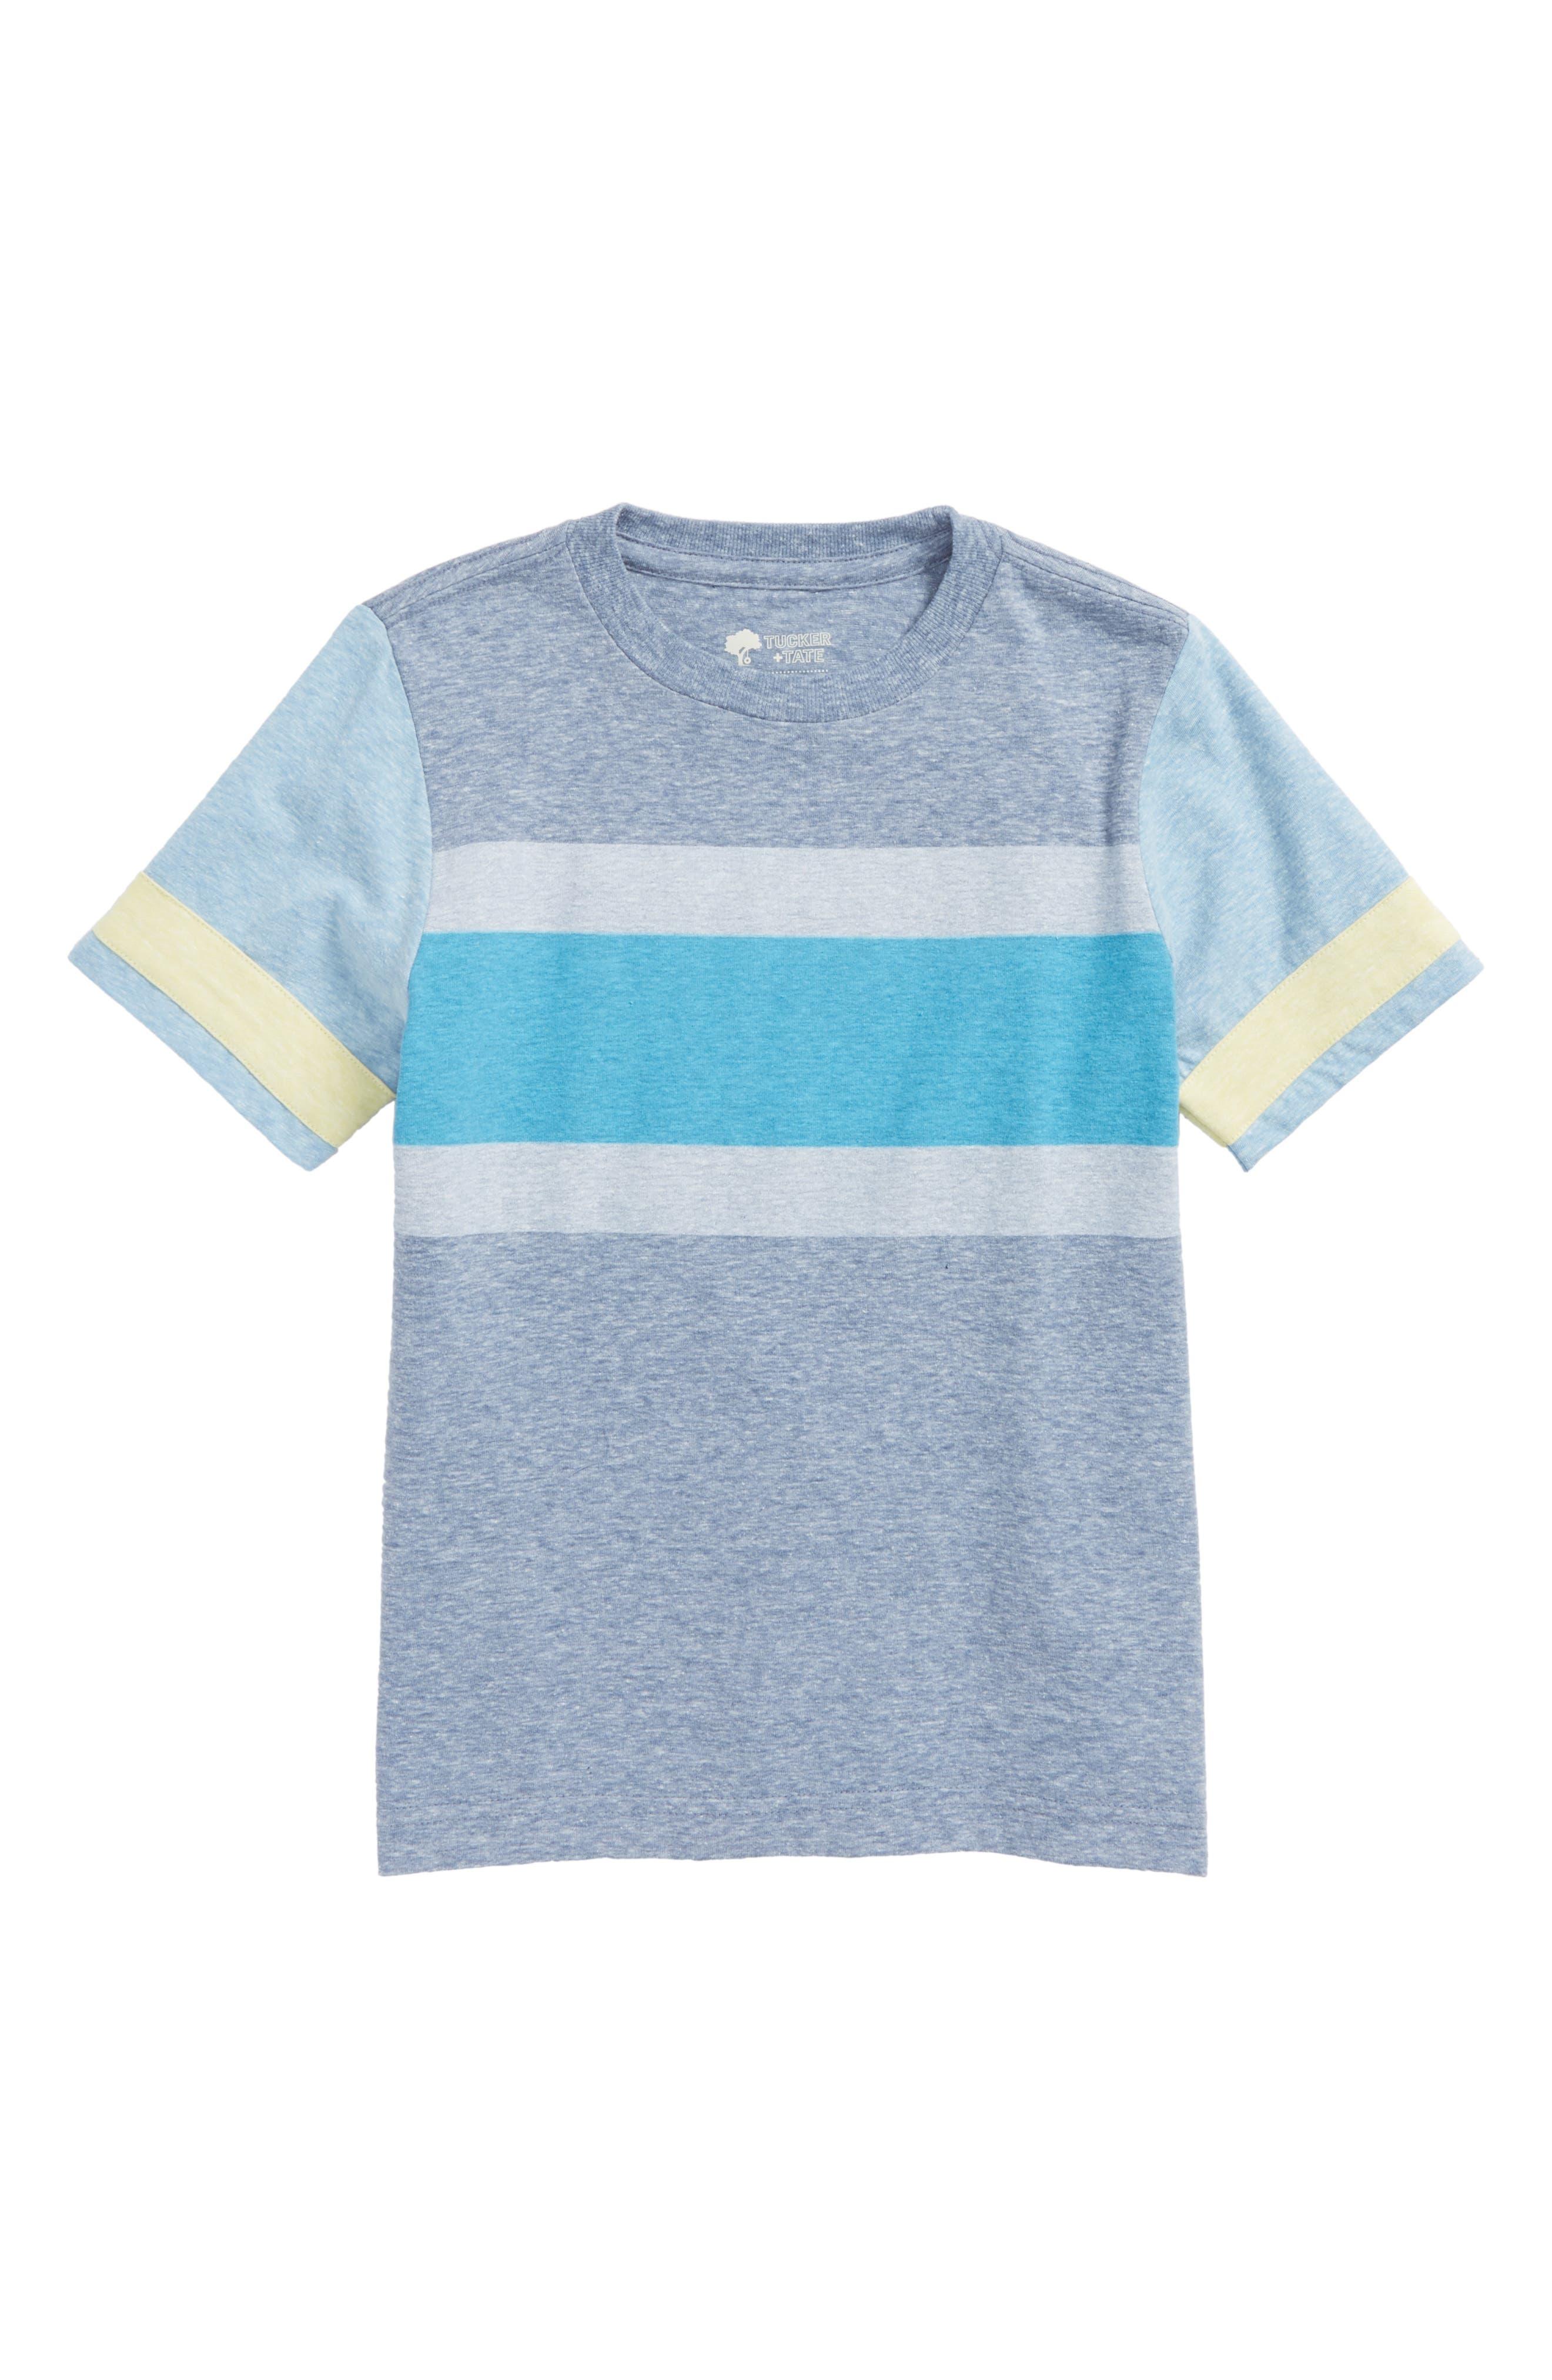 Alternate Image 1 Selected - Tucker + Tate Stripe T-Shirt (Toddler Boys & Little Boys)